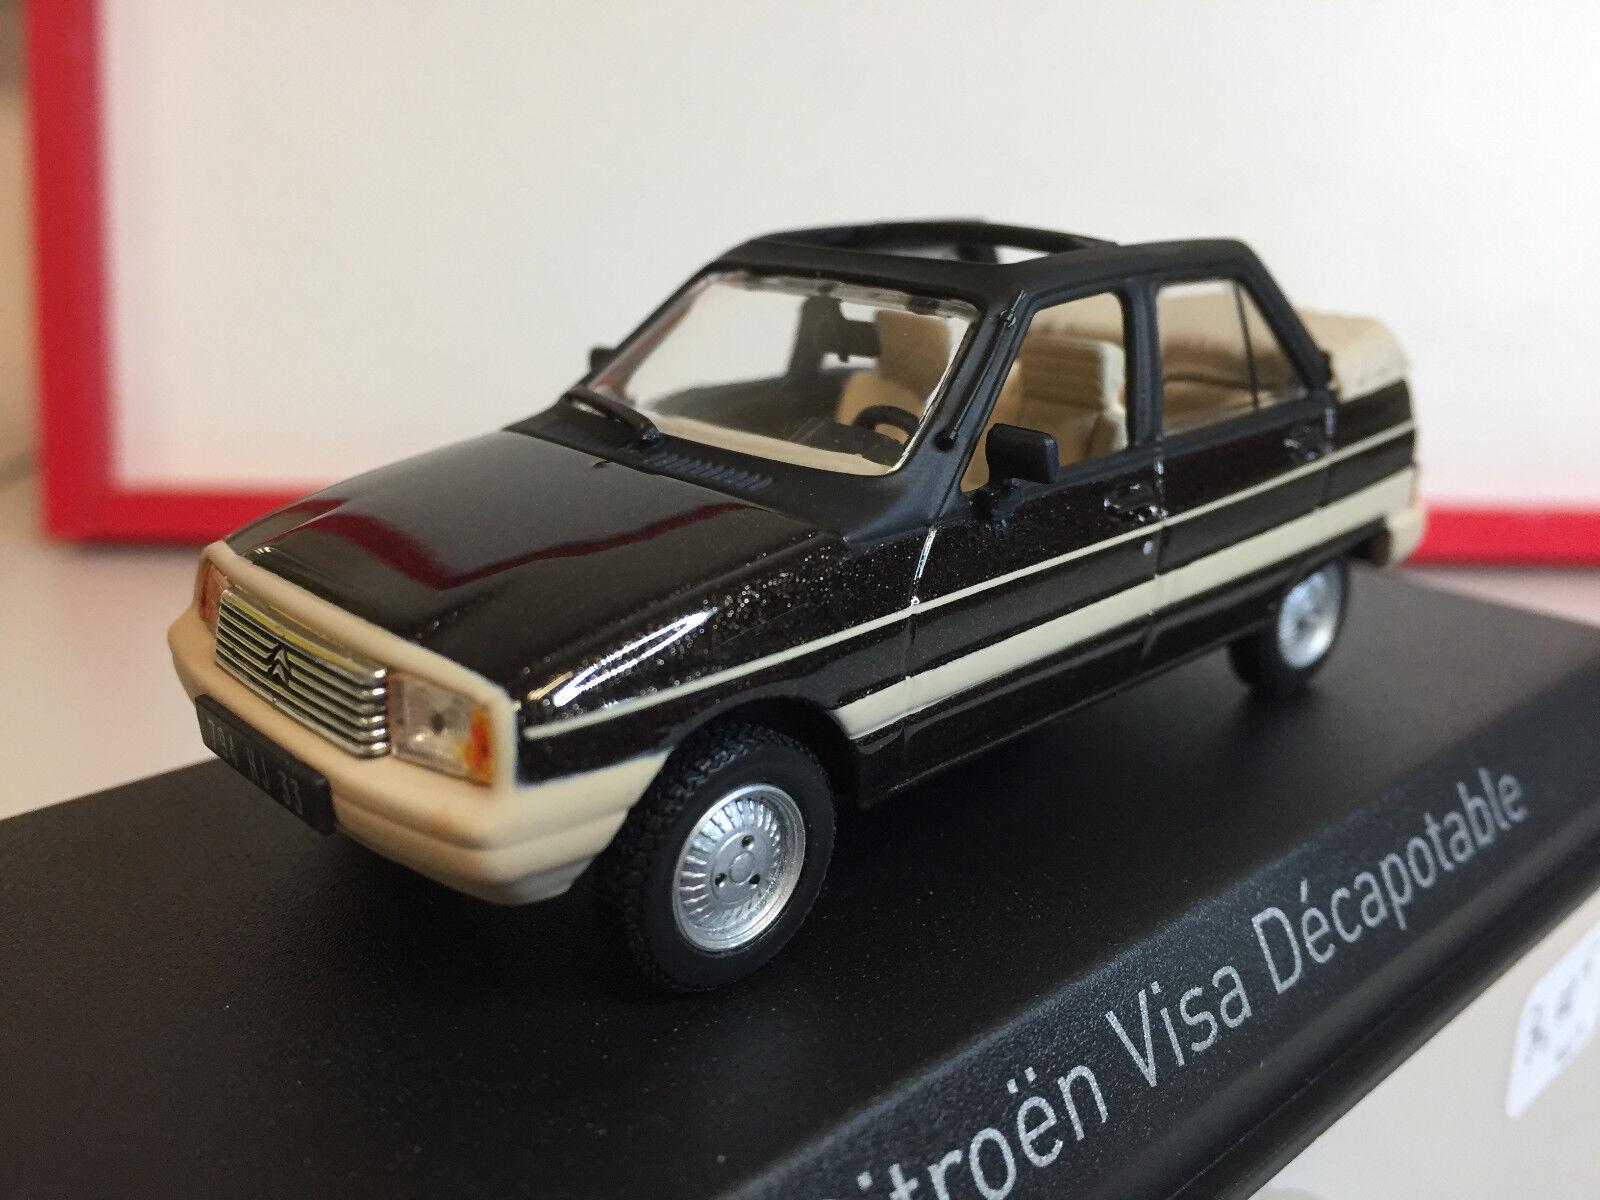 Norev Citroën Visa Décapotable 1984 Vison marron 1 43 150943